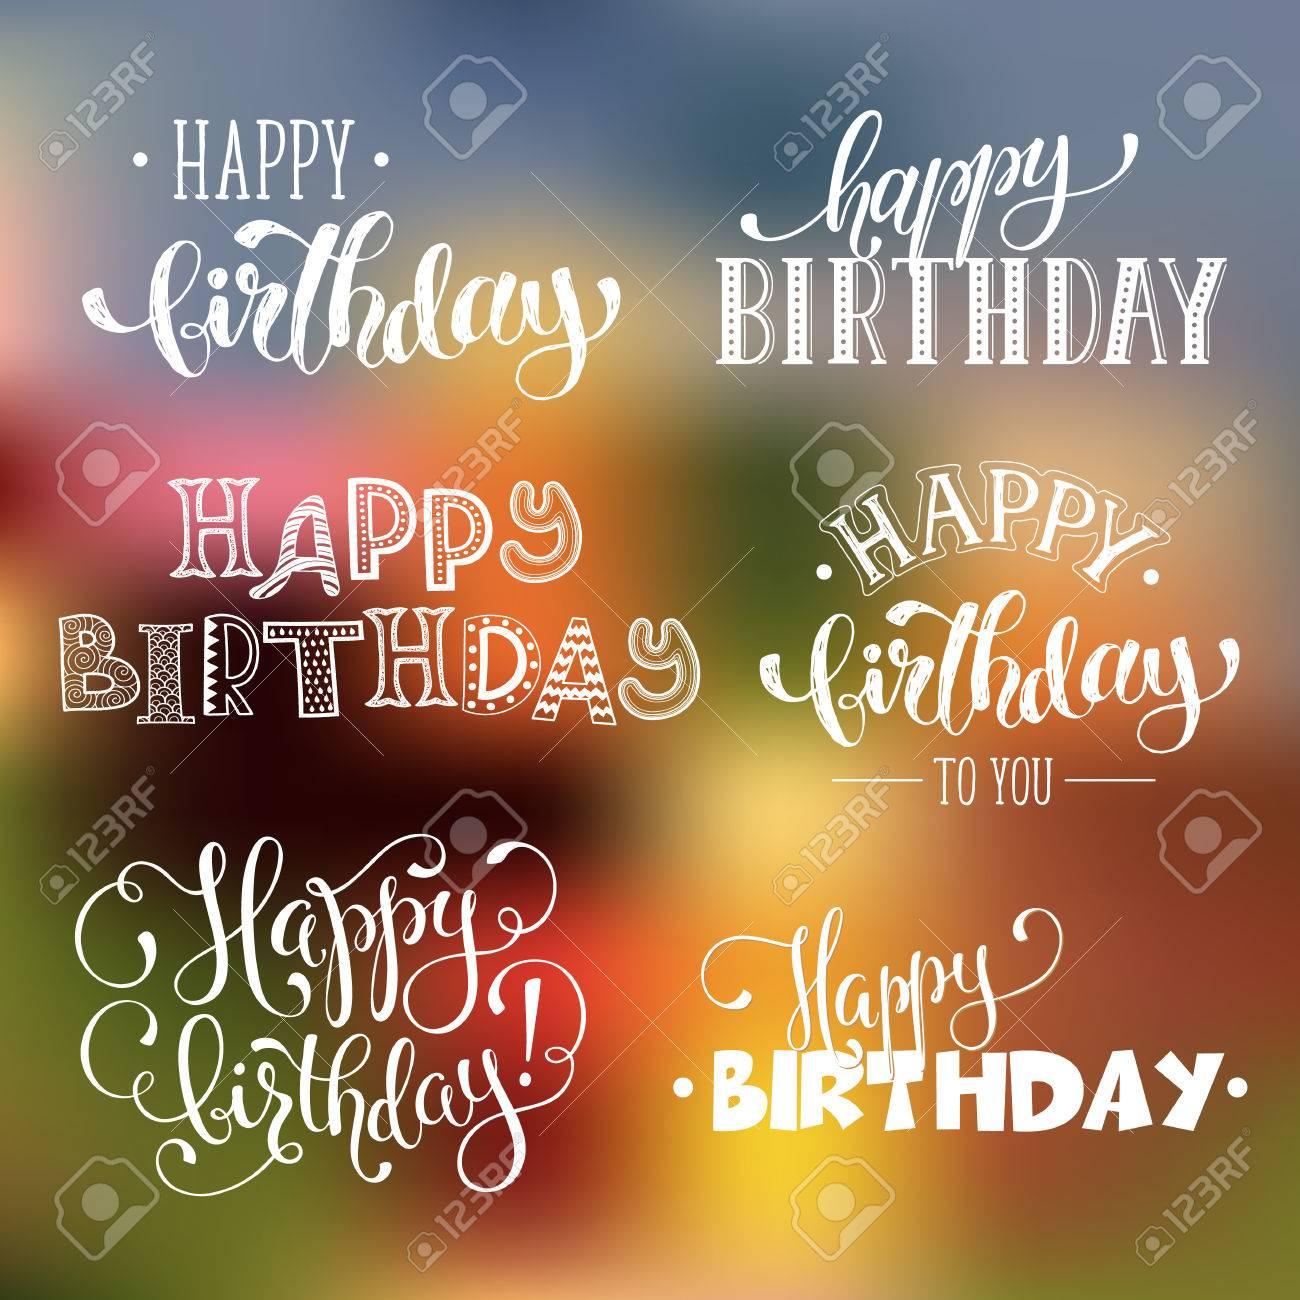 Escrito A Mano Frases De Feliz Cumpleaños Plantillas De Texto Tarjeta De Felicitación Aisladas Sobre Fondo Borroso Letras Feliz Cumpleaños En Estilo